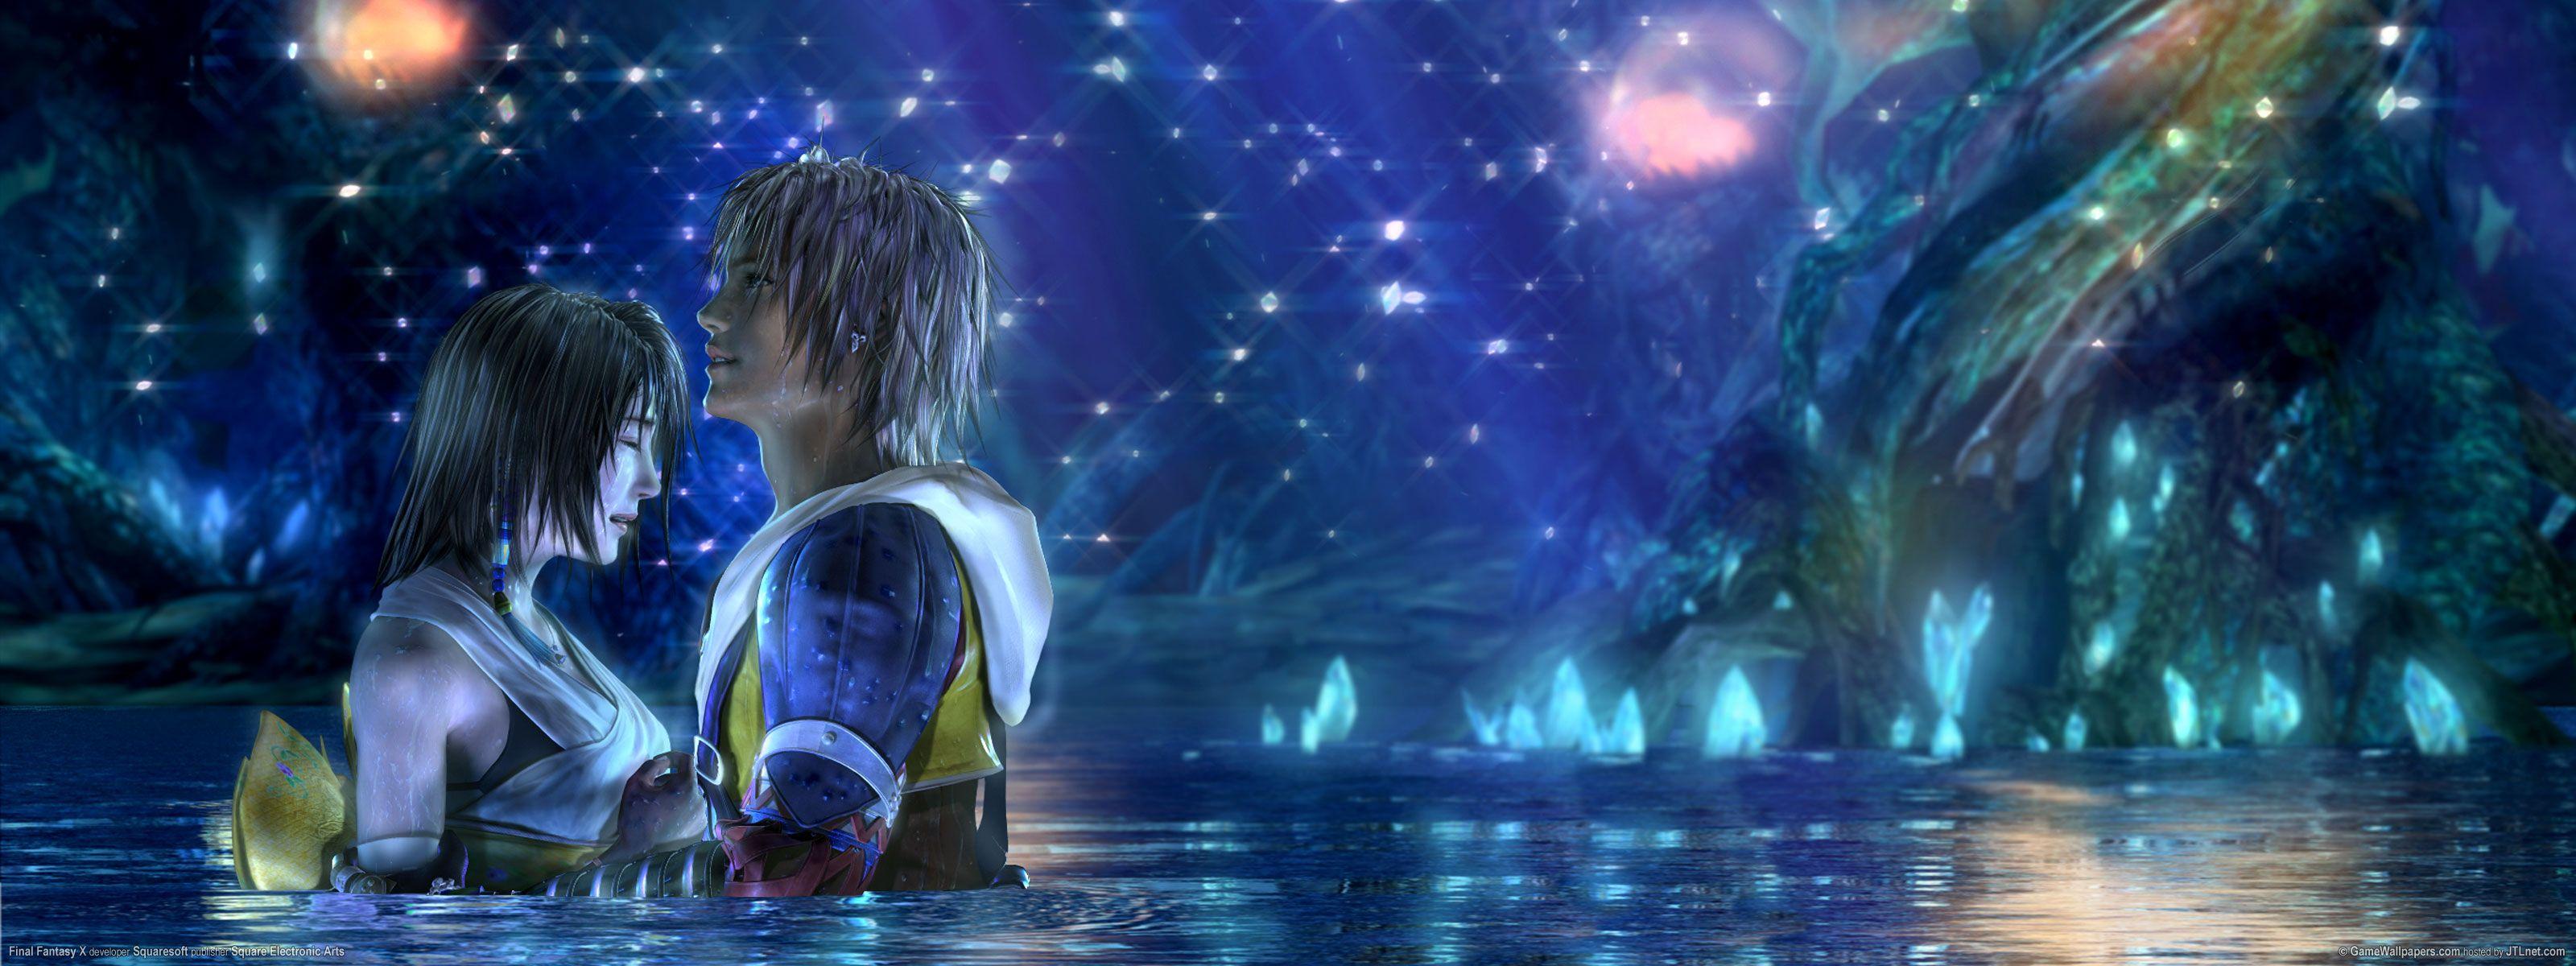 Pin By Alyssa L On Final Fantasy Final Fantasy Wallpaper Hd